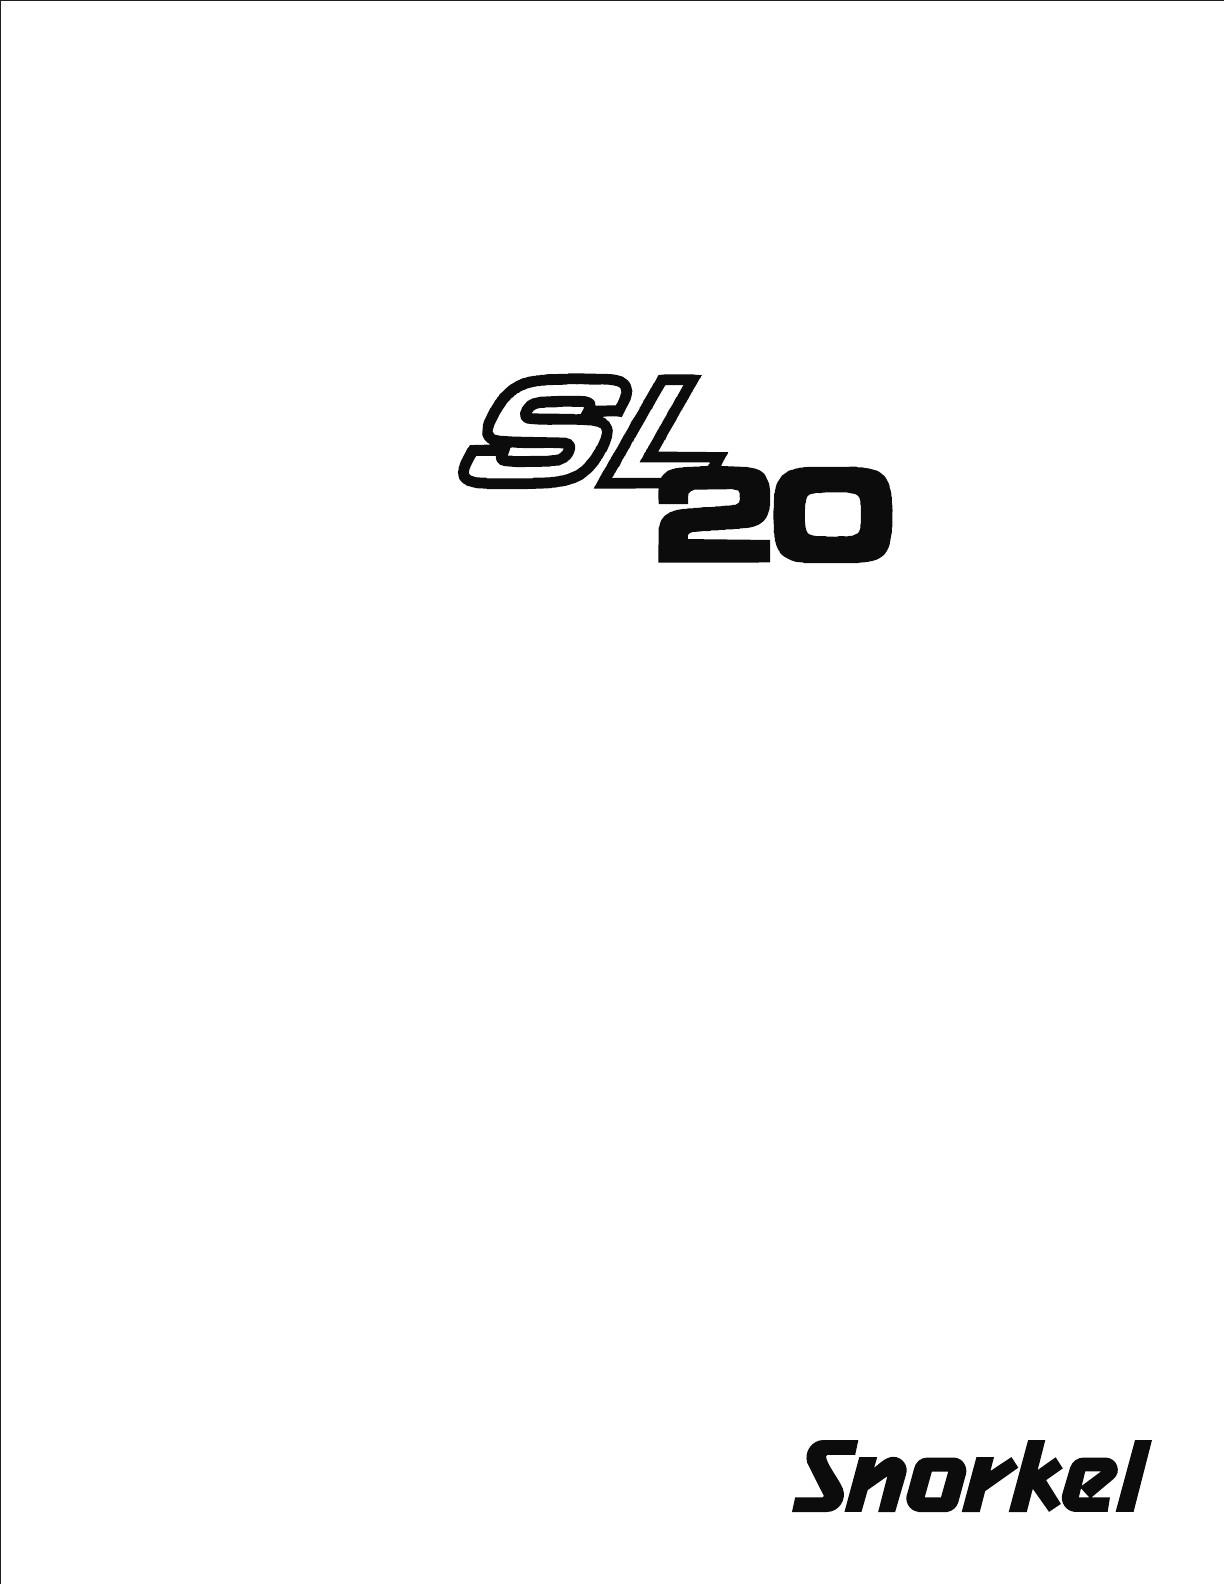 Diagram Emg Wiring Diagram 20 Sl Full Version Hd Quality 20 Sl Diagramrochad Portaimprese It